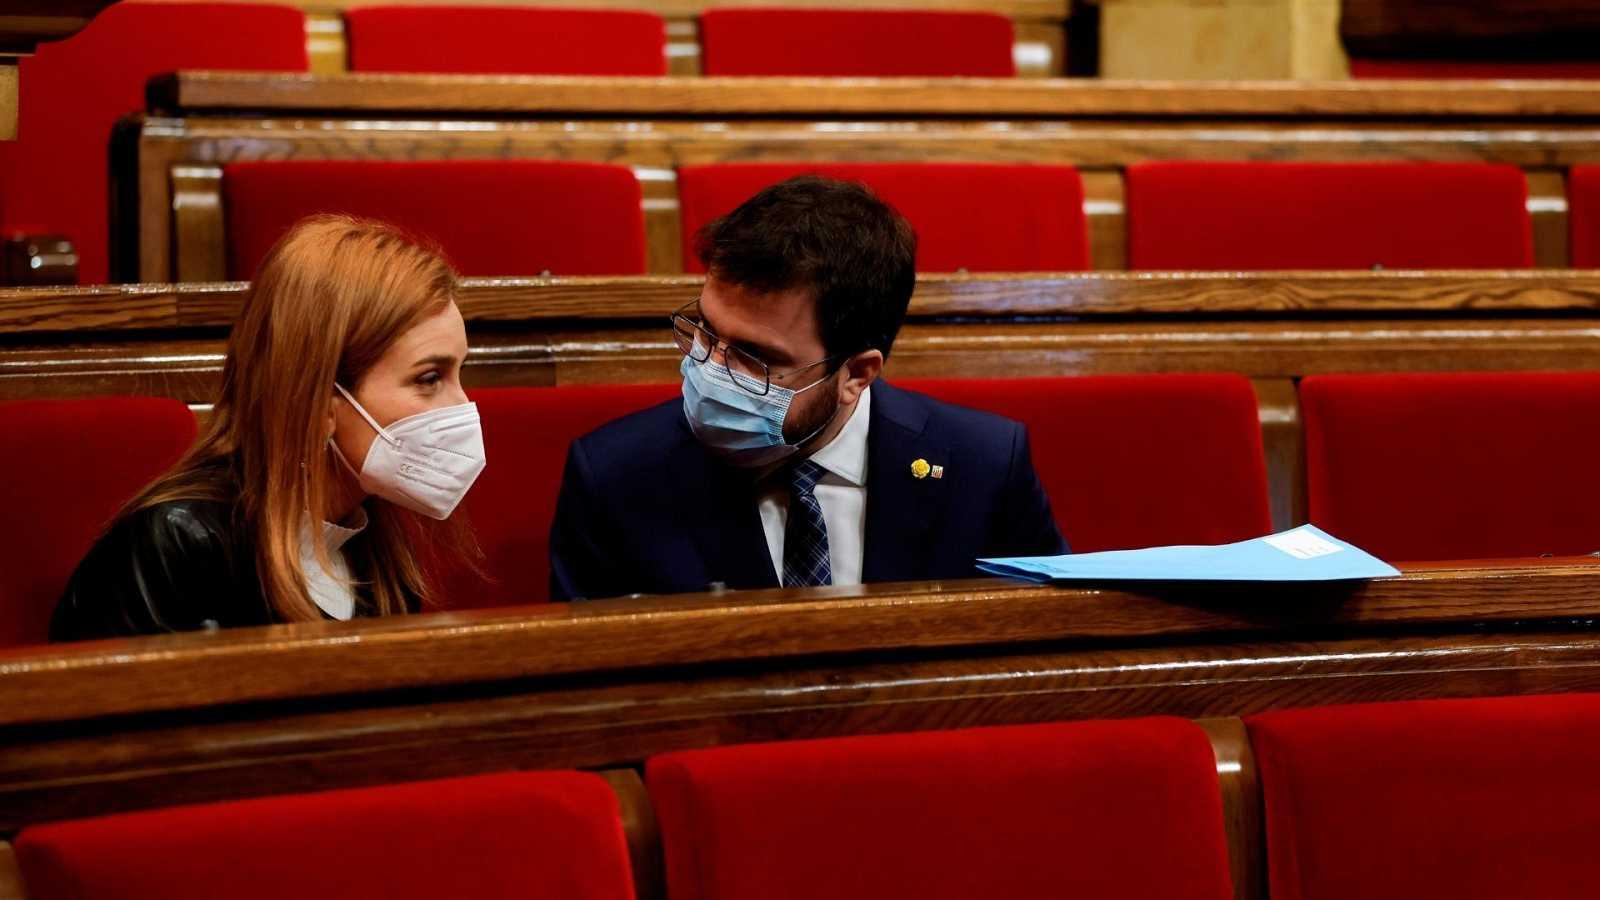 14 horas - El Govern propone que las elecciones en Cataluña sean el 30 de mayo - Escuchar ahora